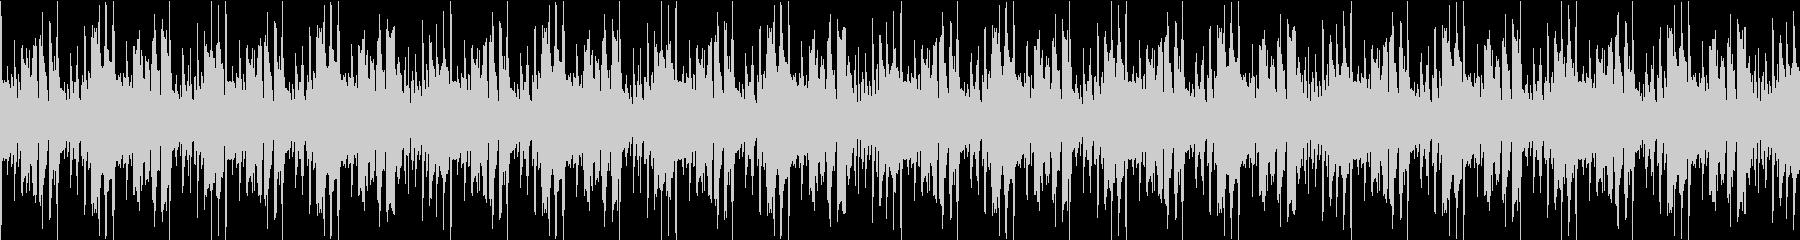 ループ可能なラテン風音源の未再生の波形